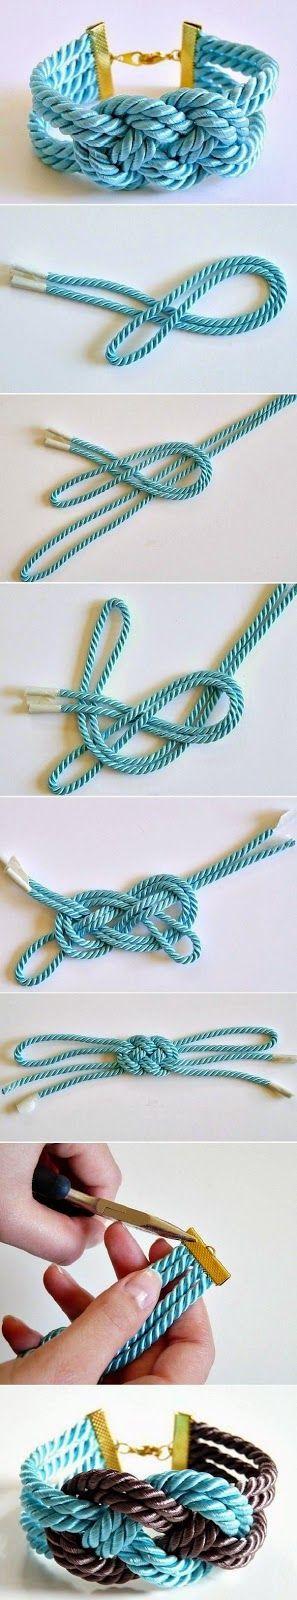 OS MELHORES ARTESANATOS: Bracelete com fios passo a passo